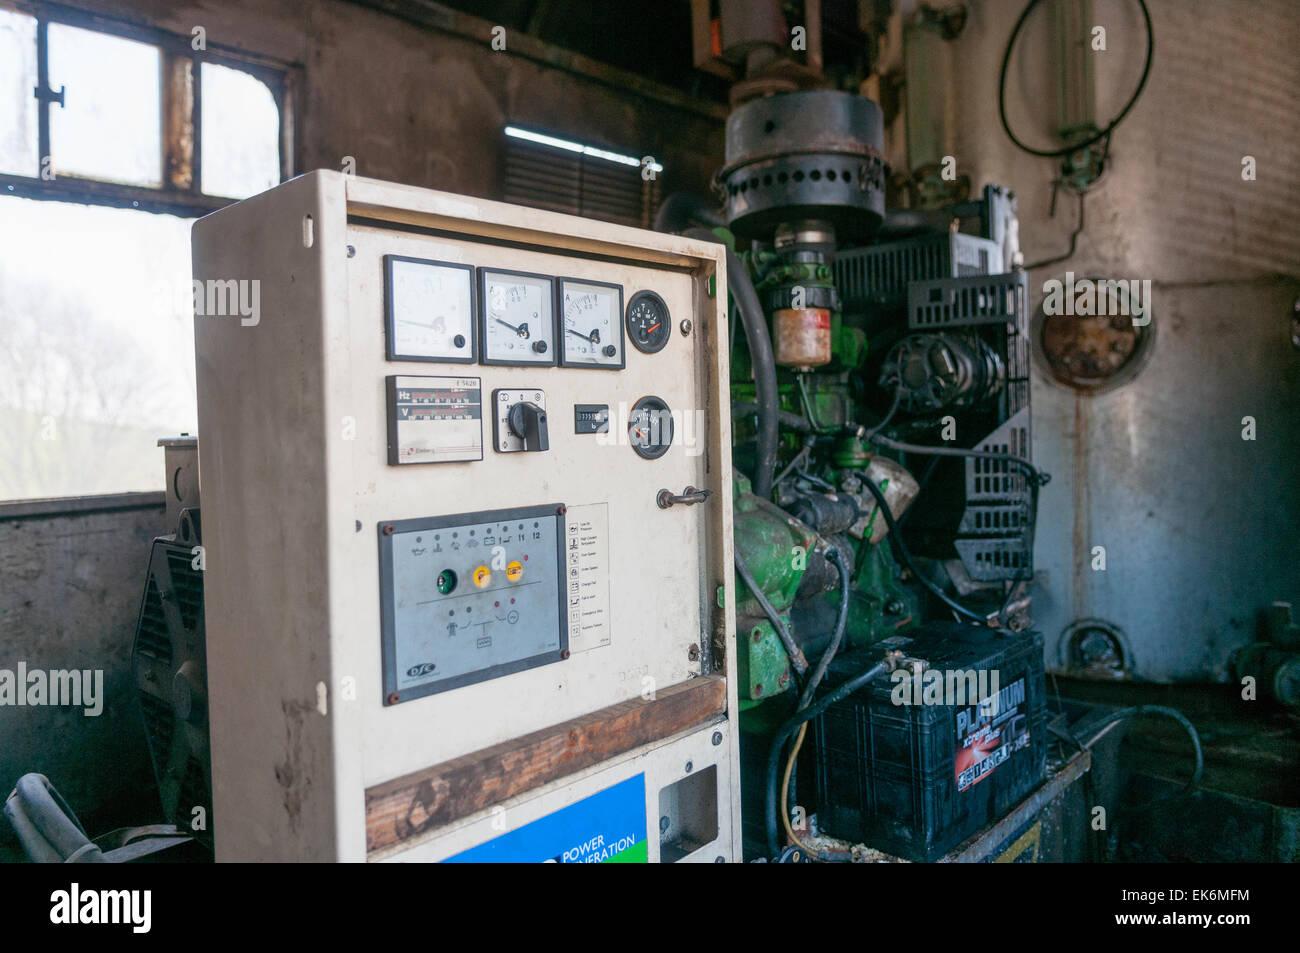 Ancien moteur diesel alimentant un générateur électrique et le panneau de  commande. Photo Stock f81fdafc8d7d